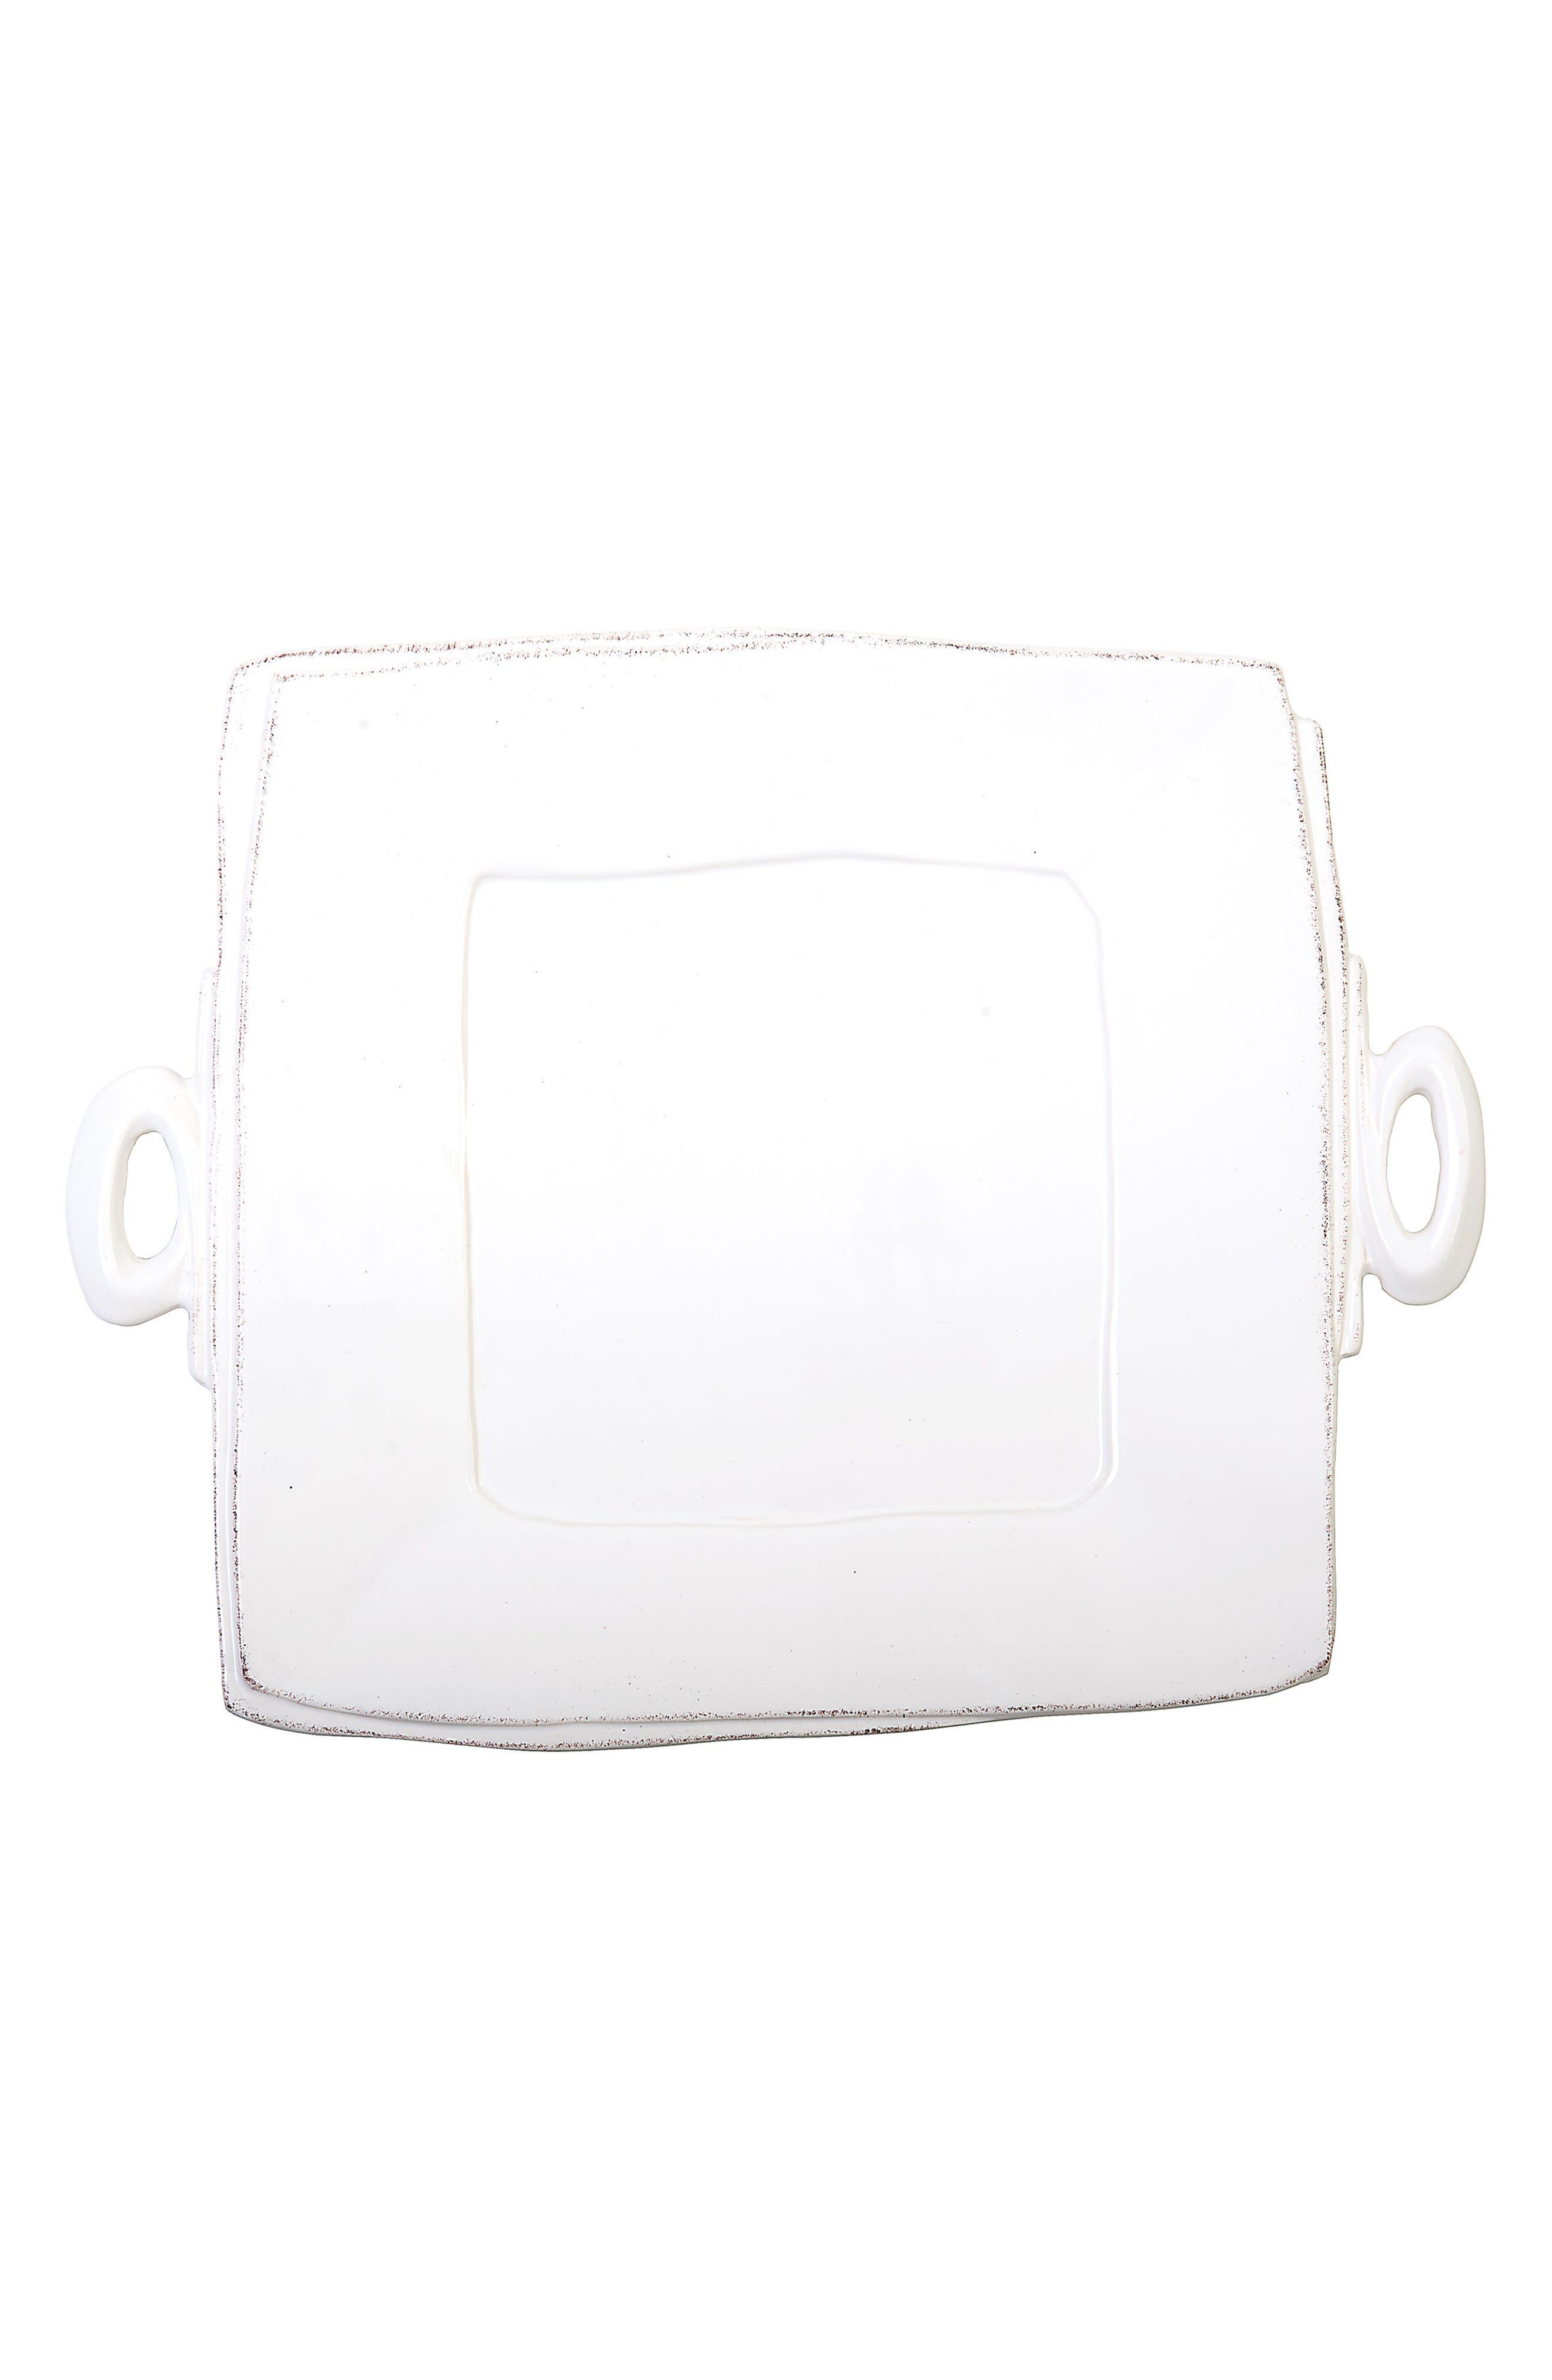 Lastra Square Platter,                             Main thumbnail 1, color,                             WHITE